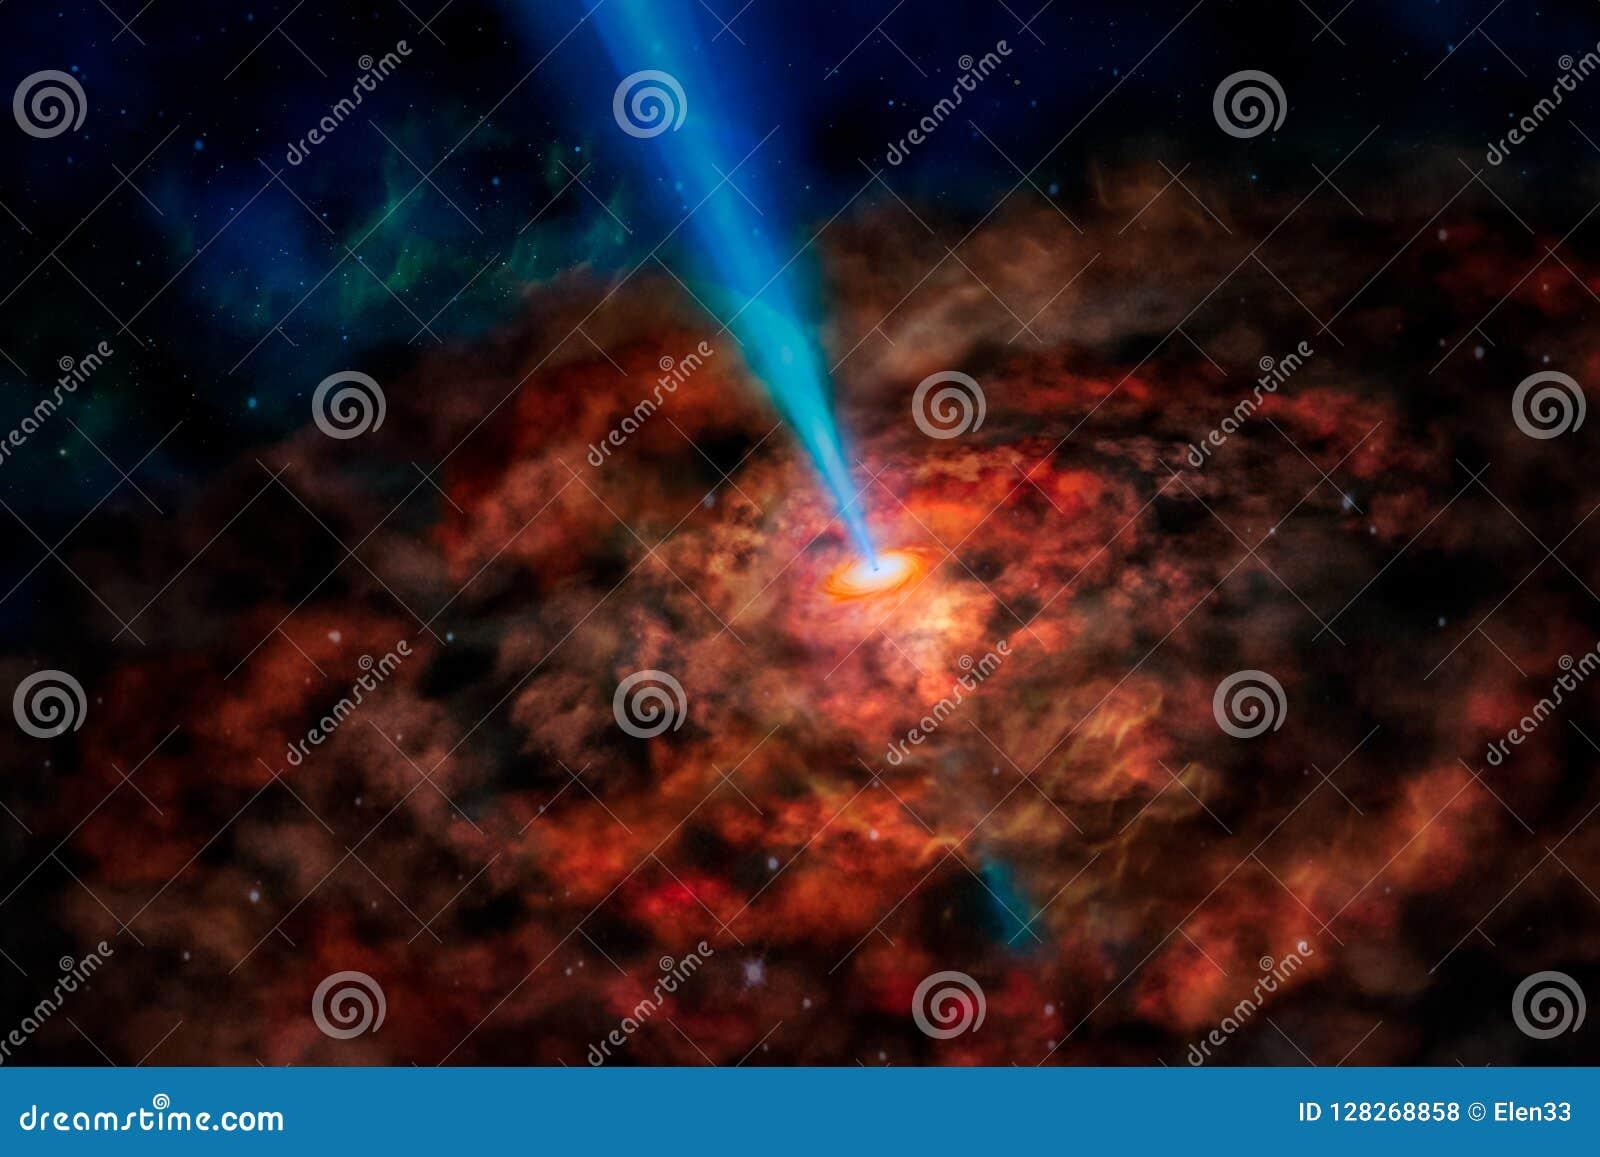 Галактика чужеземца фантазии с красными накаляя спиральными облаками и солнце испускают лучи